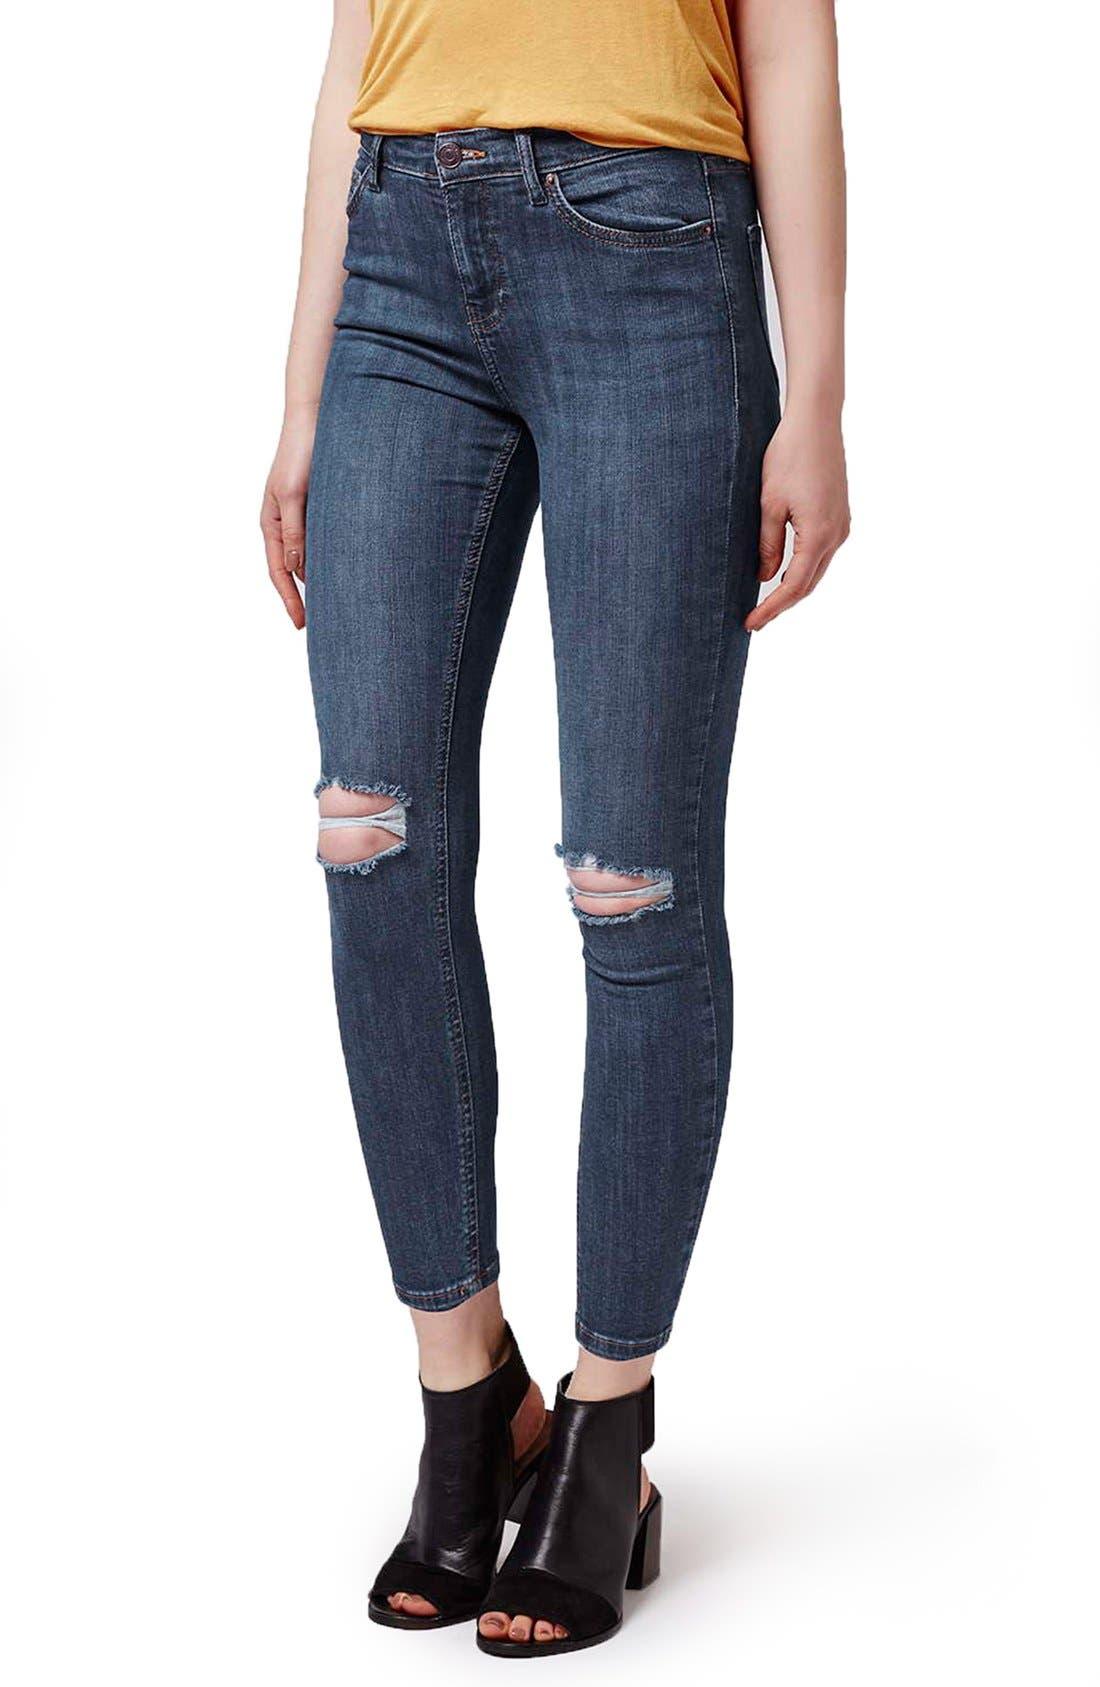 Alternate Image 1 Selected - Topshop 'Jamie' Ripped Crop Skinny Jeans (Navy Blue) (Petite)